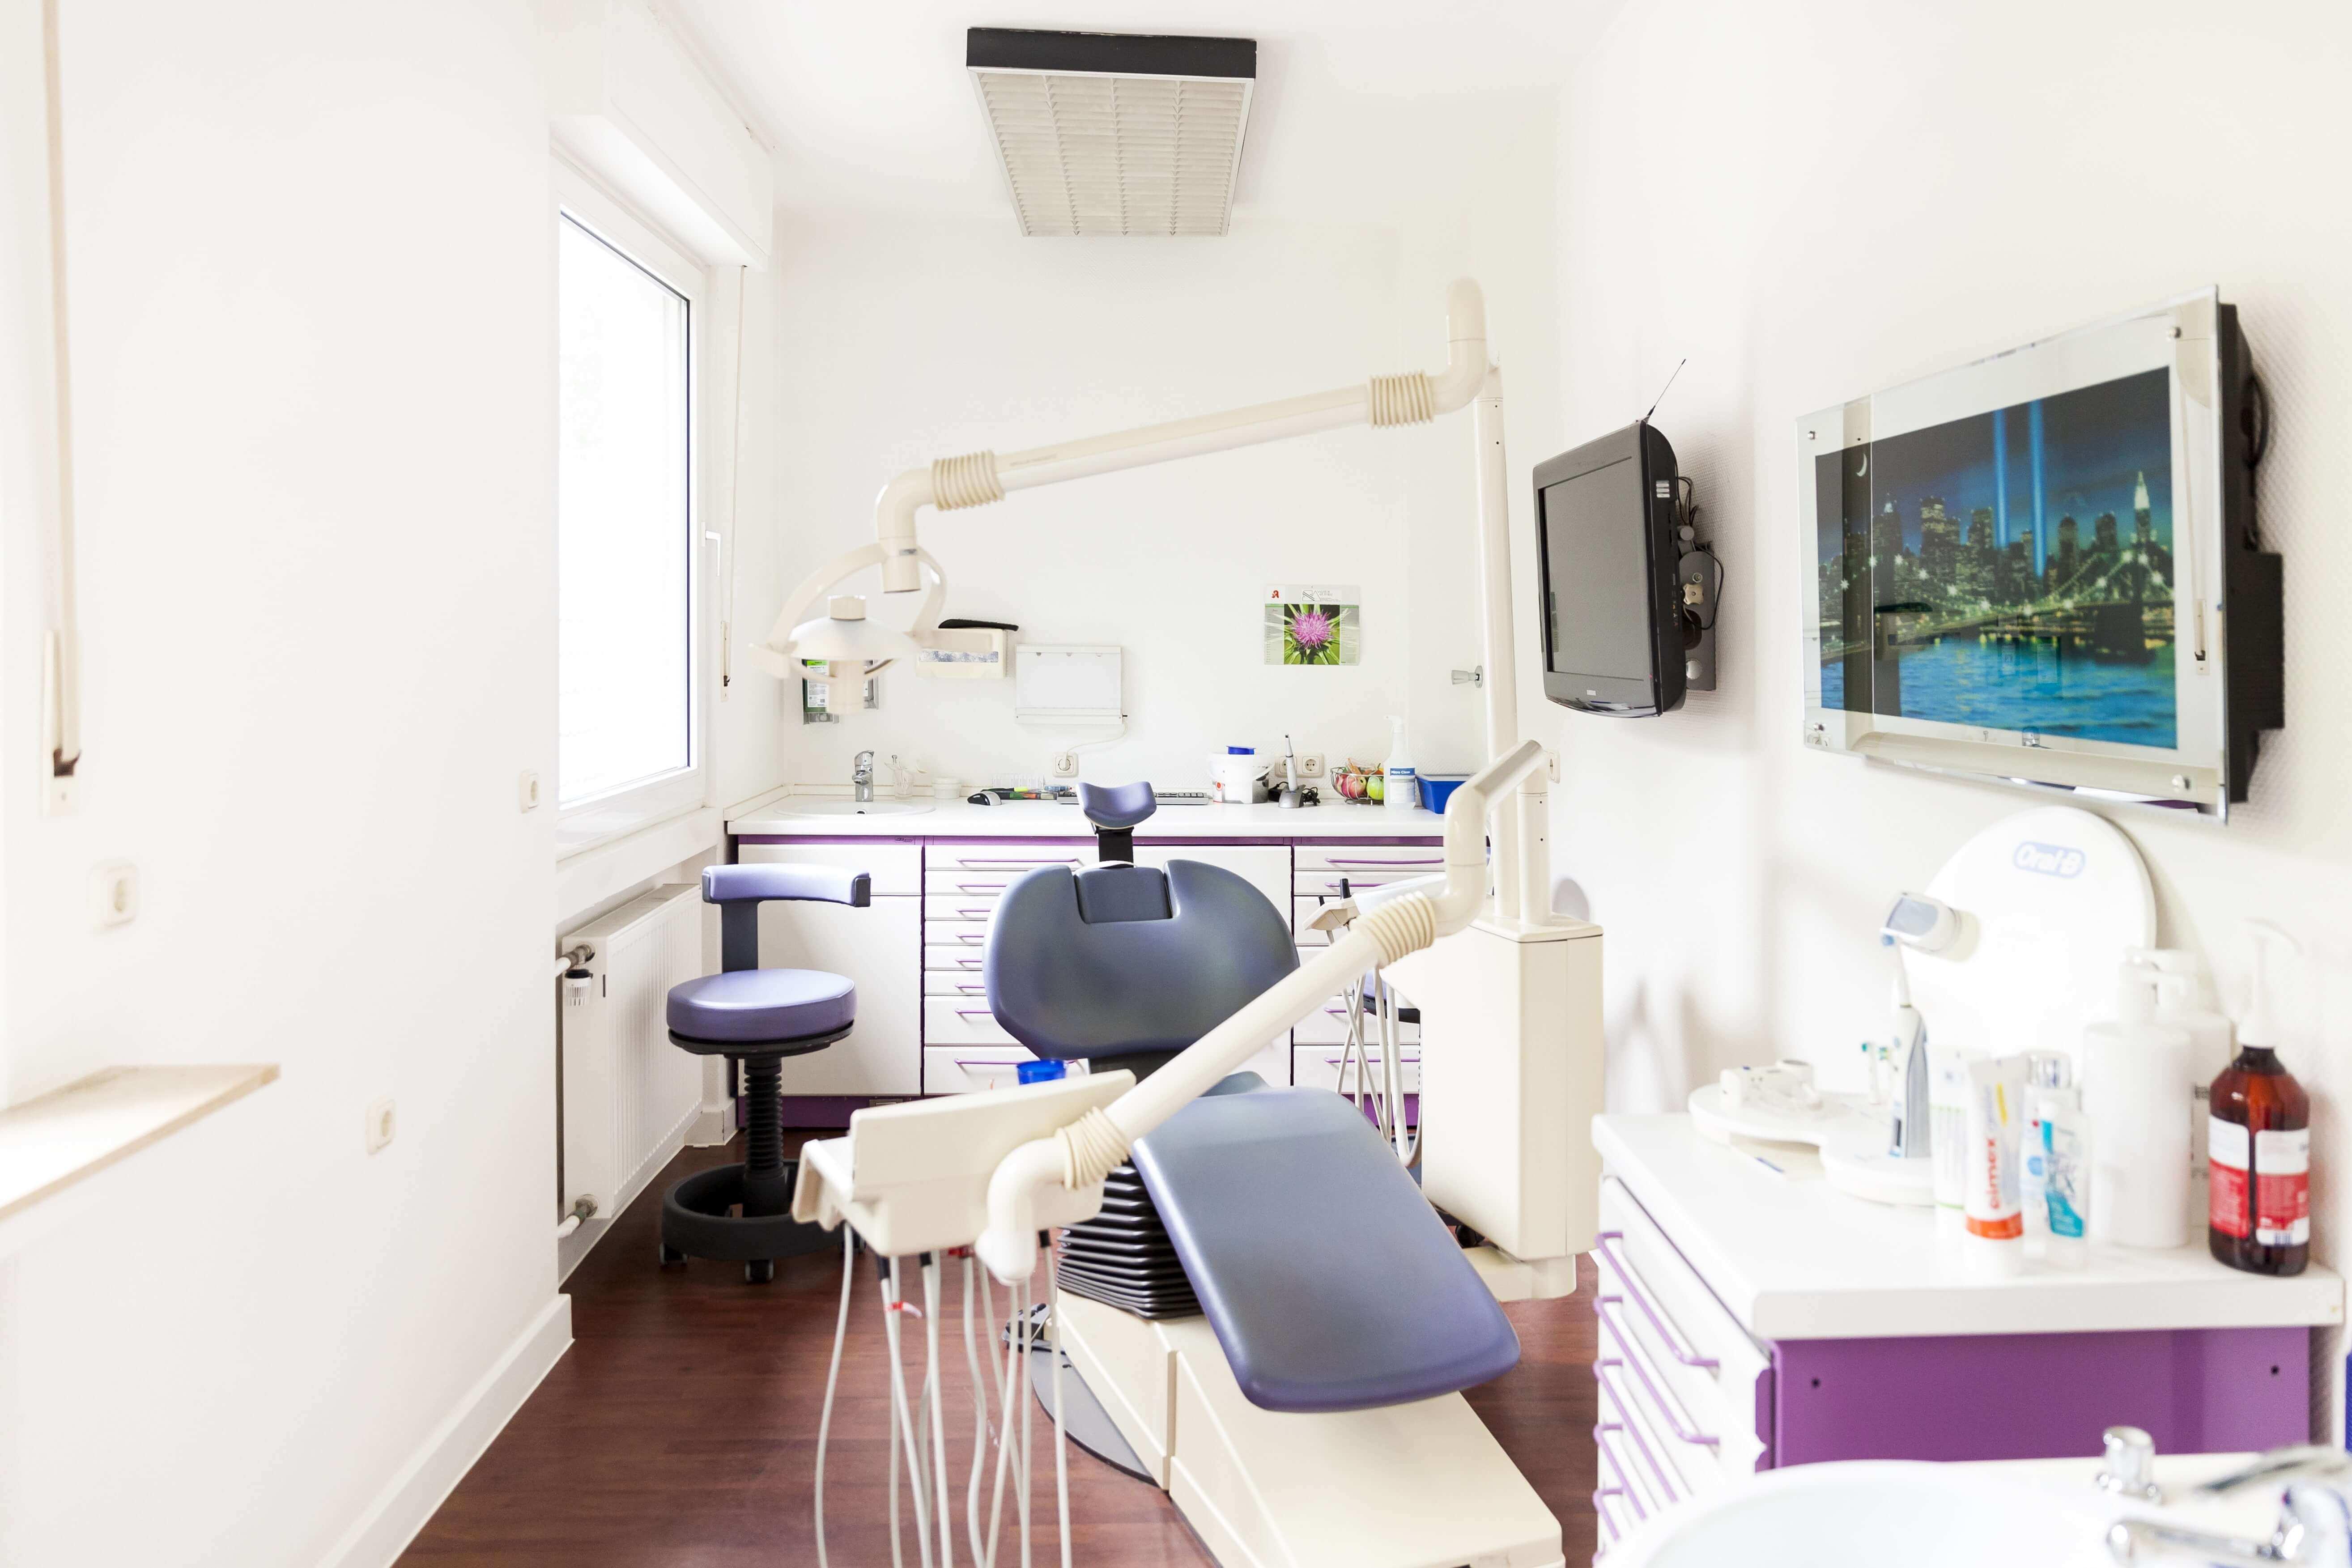 Behandlungszimmer mit Stühlen und Schränken mit violetter Farbnote